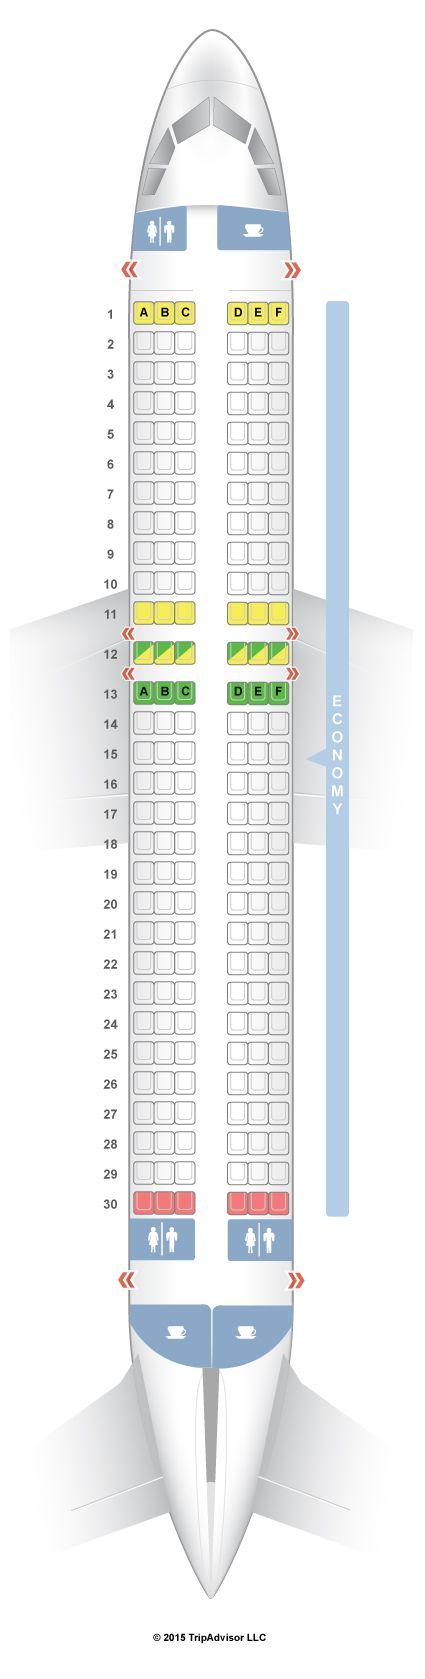 Seatguru Seat Map Indigo Airlines Airbus A320 320 Desktop